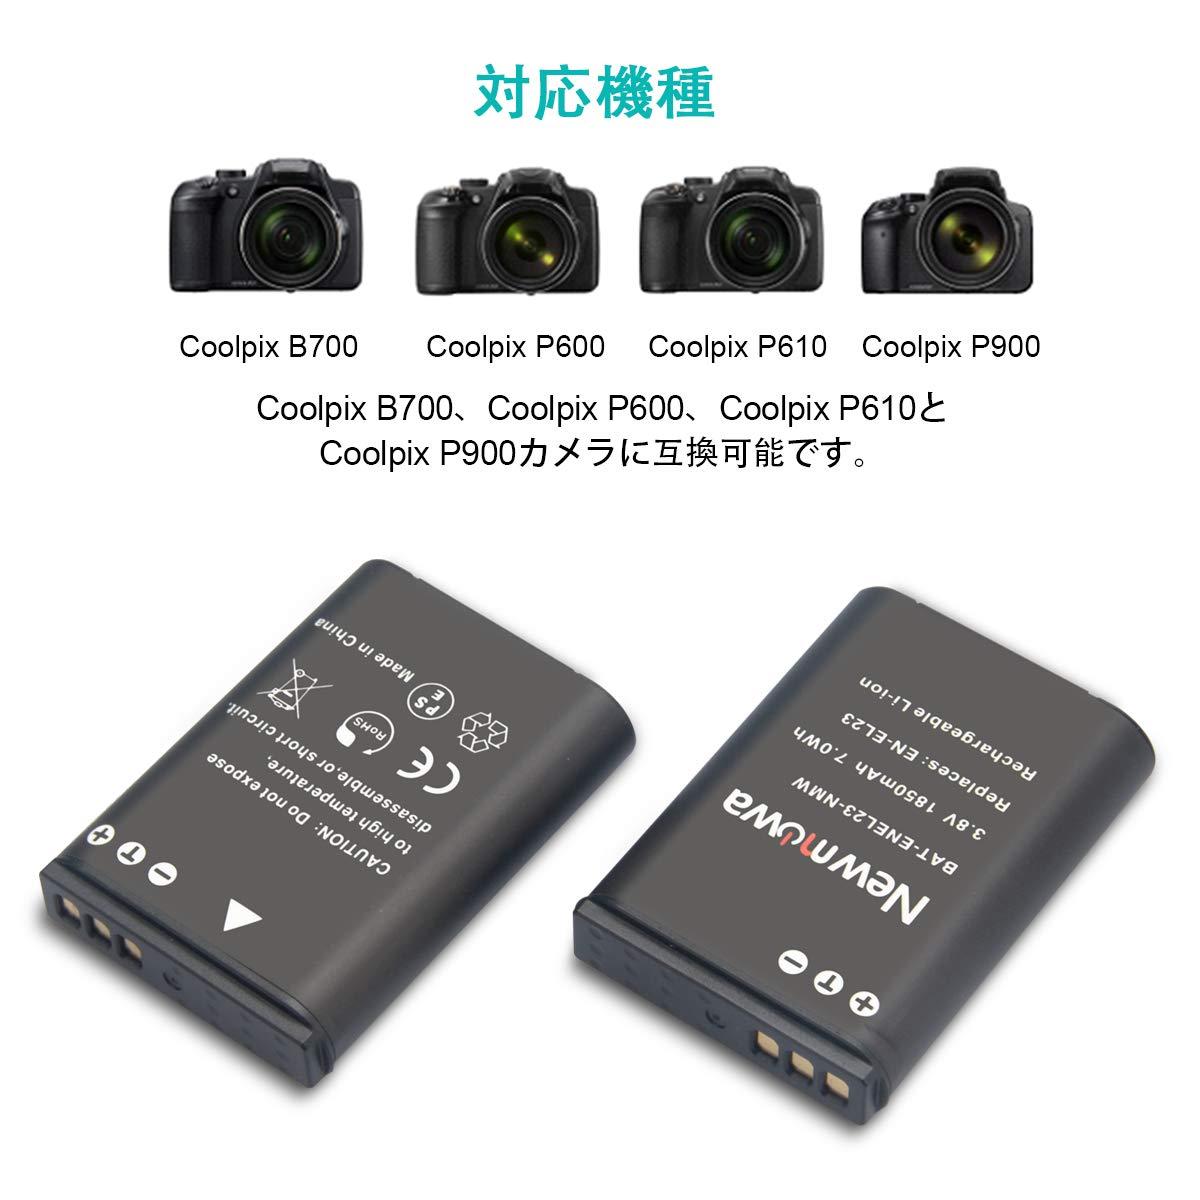 1f4109507d Amazon.co.jp: Newmowa EN-EL23 互換バッテリー 2個 + 充電器 対応機種 Nikon EN-EL23,Nikon  Coolpix P600,S810C,Coolpix P900: カメラ